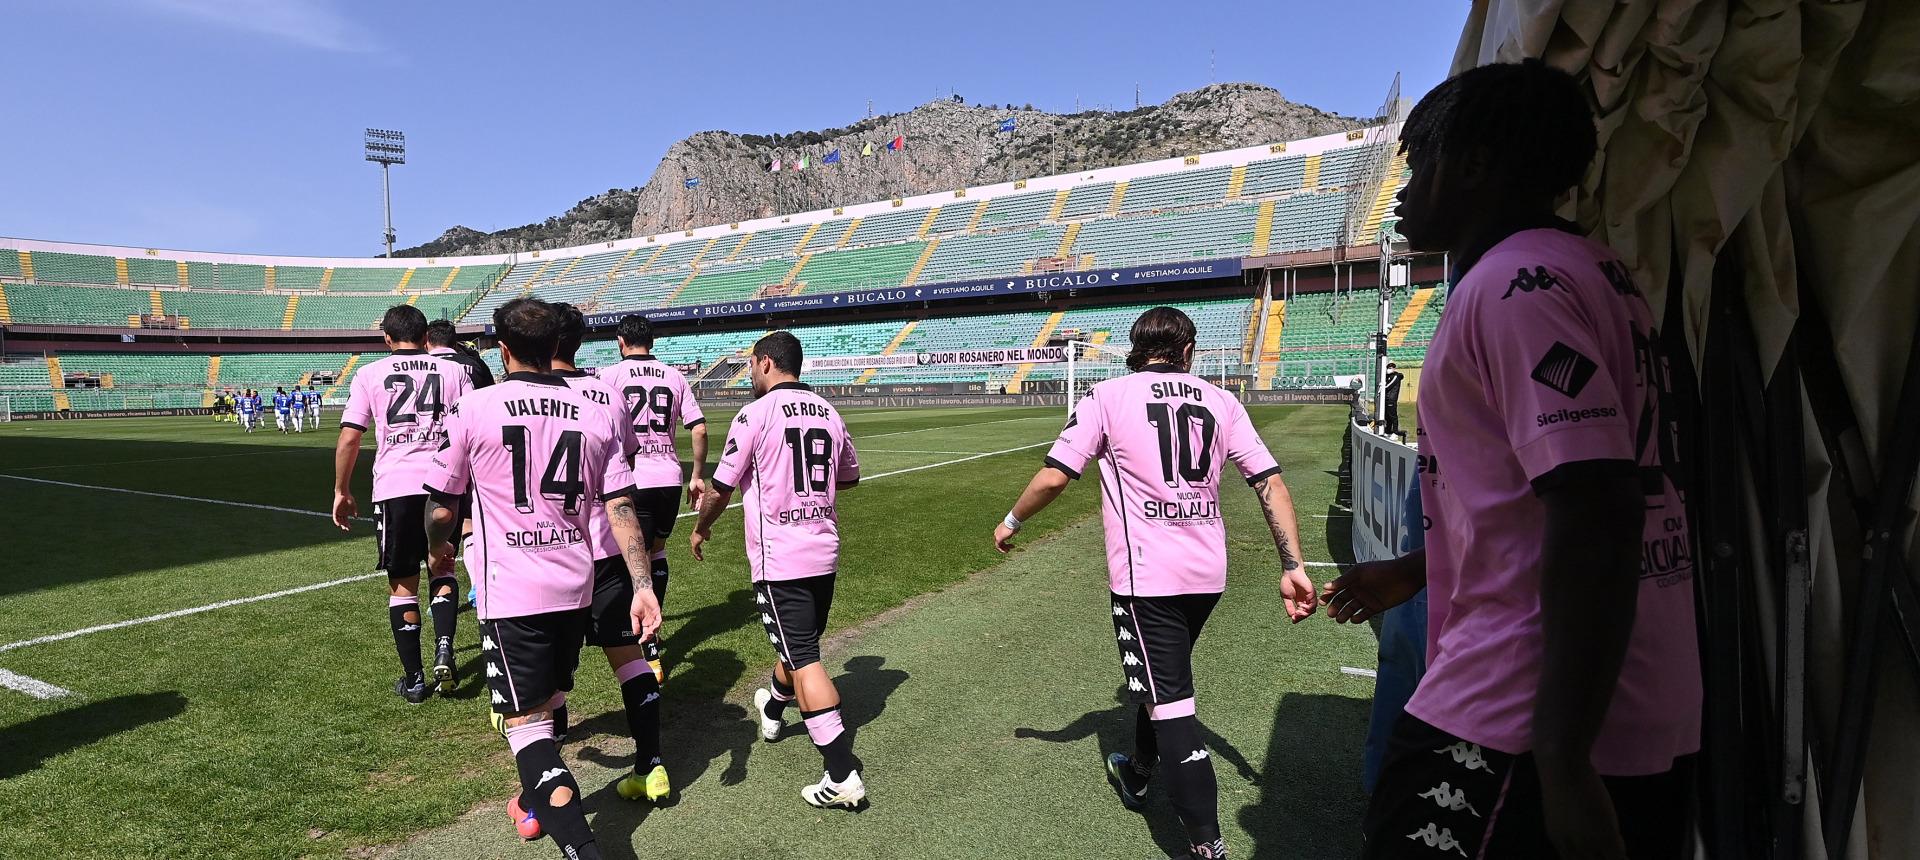 Palermo-Avellino: le formazioni ufficiali